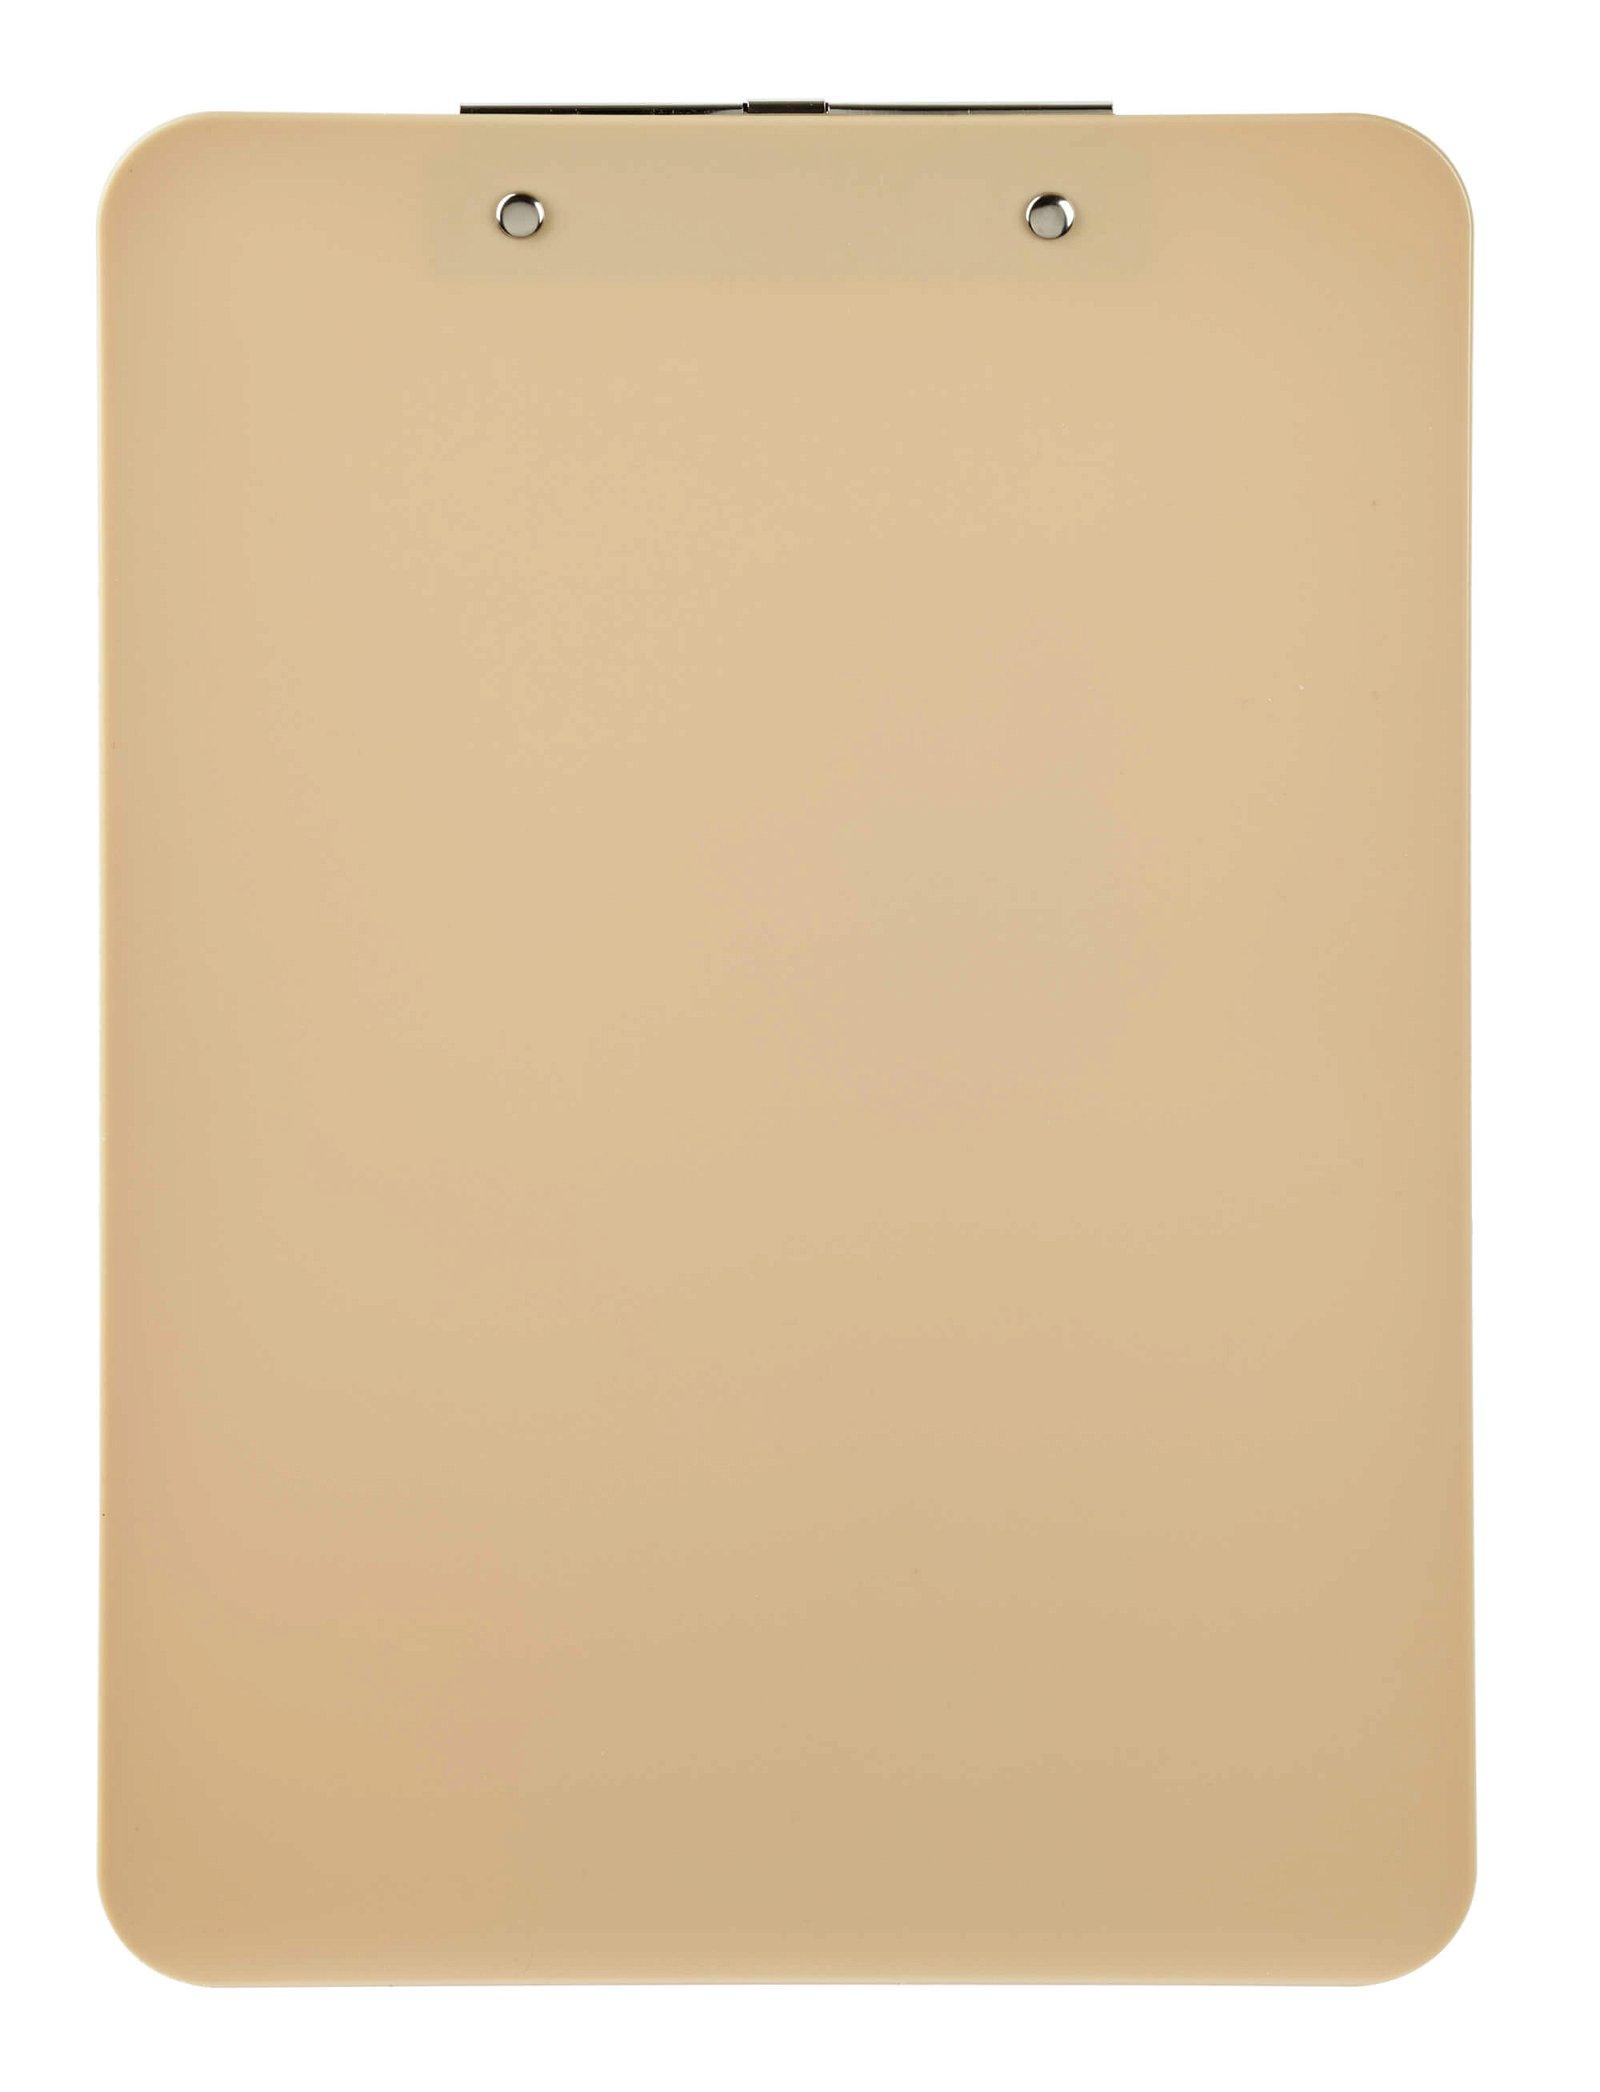 Schreibplatte, Kunststoff mit Bügelklemme, sand